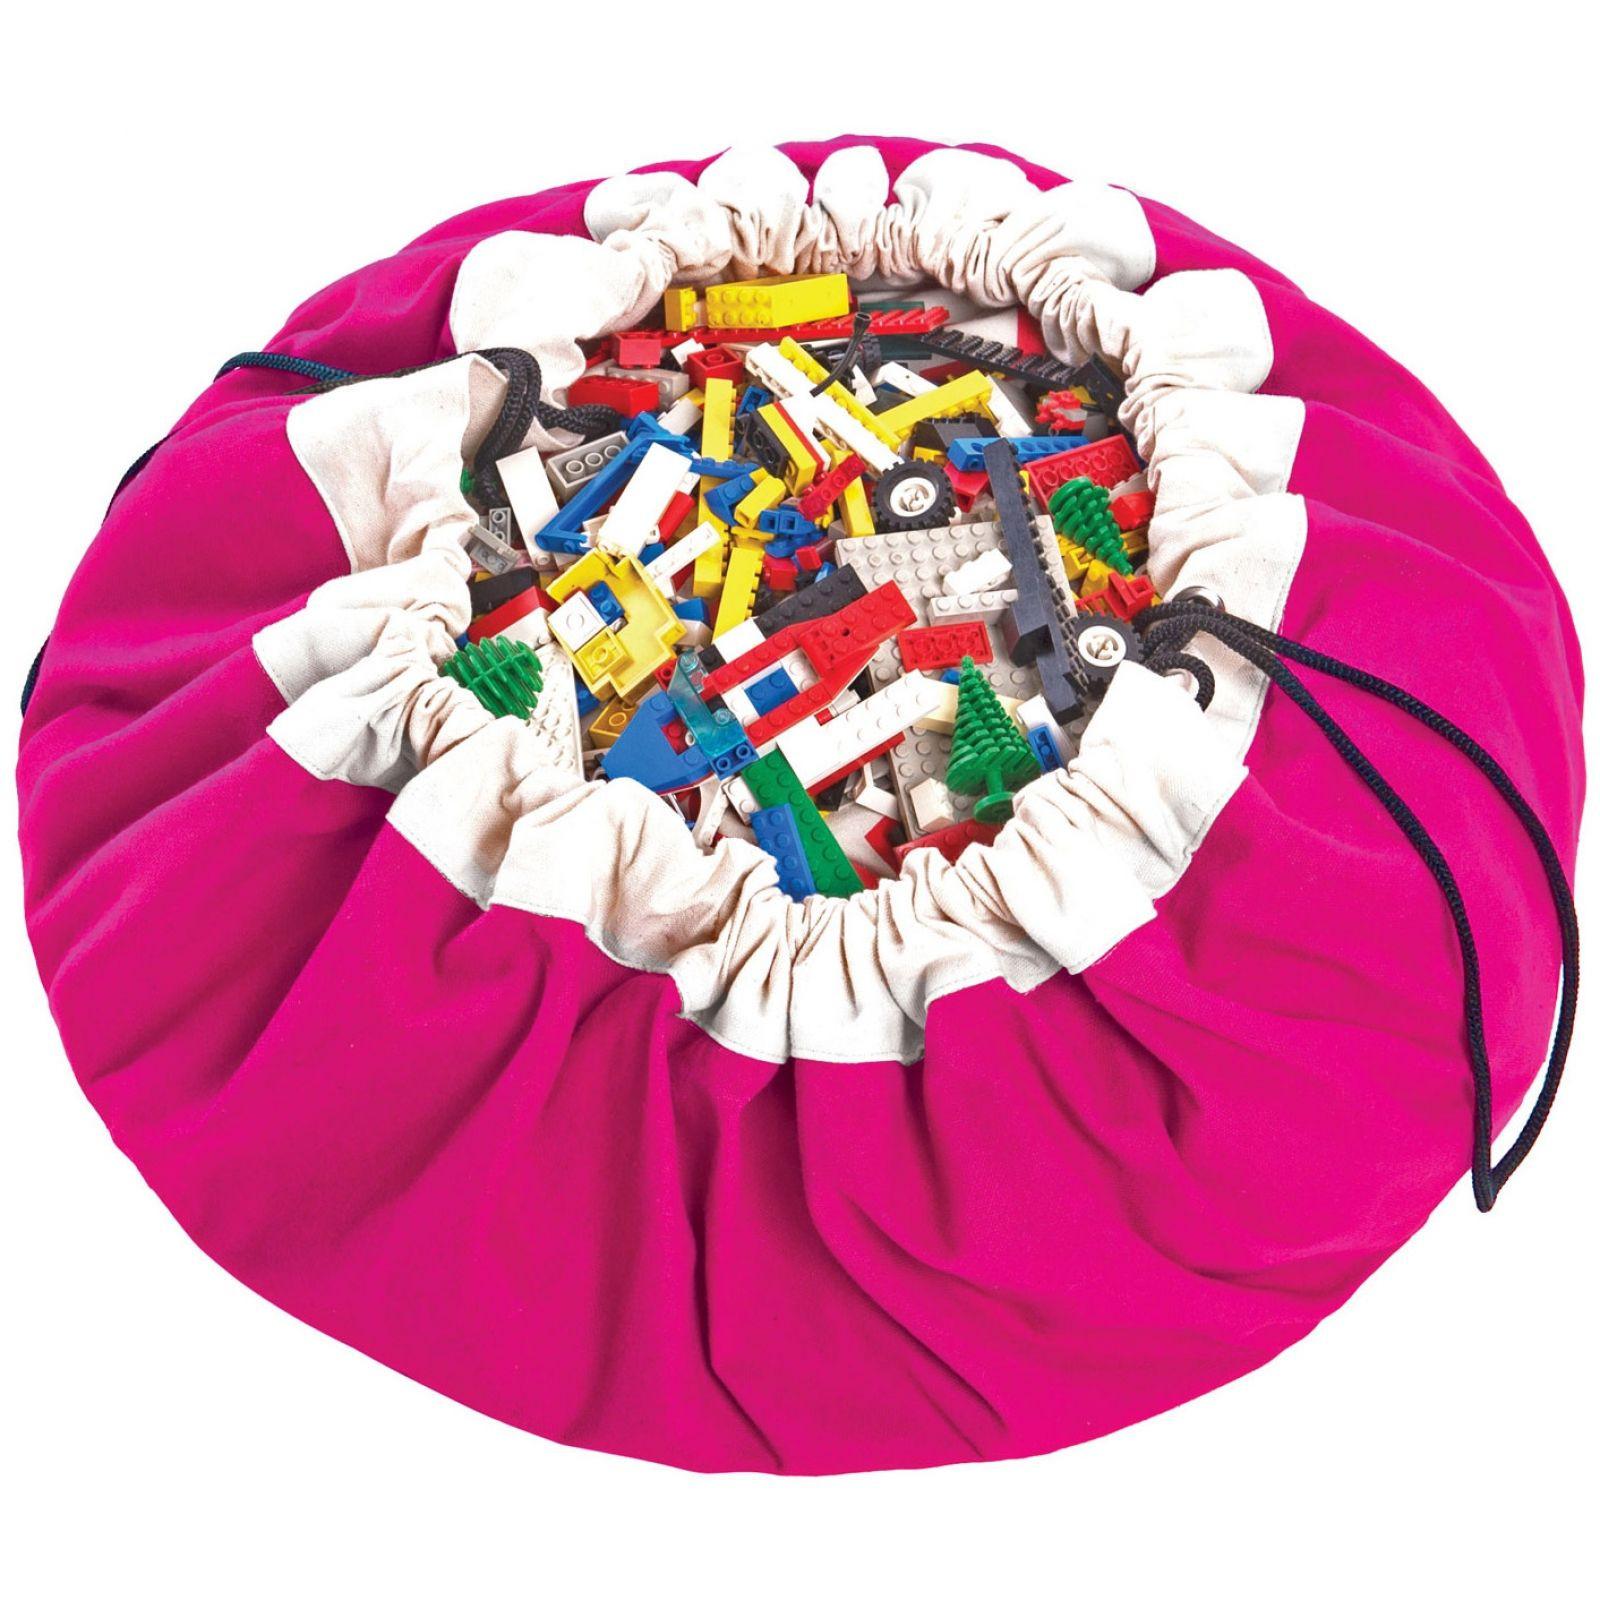 Sac De Jeu Nomade sac à jouets - tapis 2 en 1 play & go : avis et comparateur